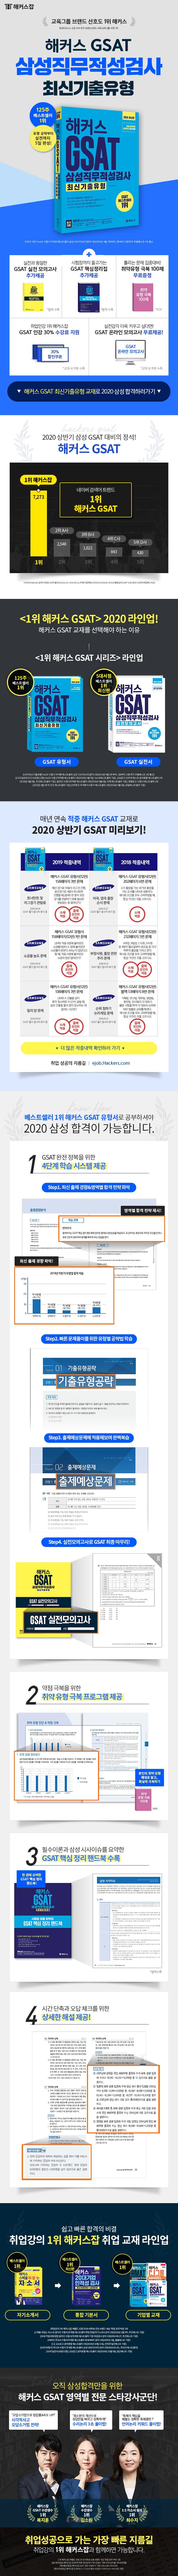 GSAT 삼성직무적성검사 최신기출유형(2020)(해커스) 도서 상세이미지